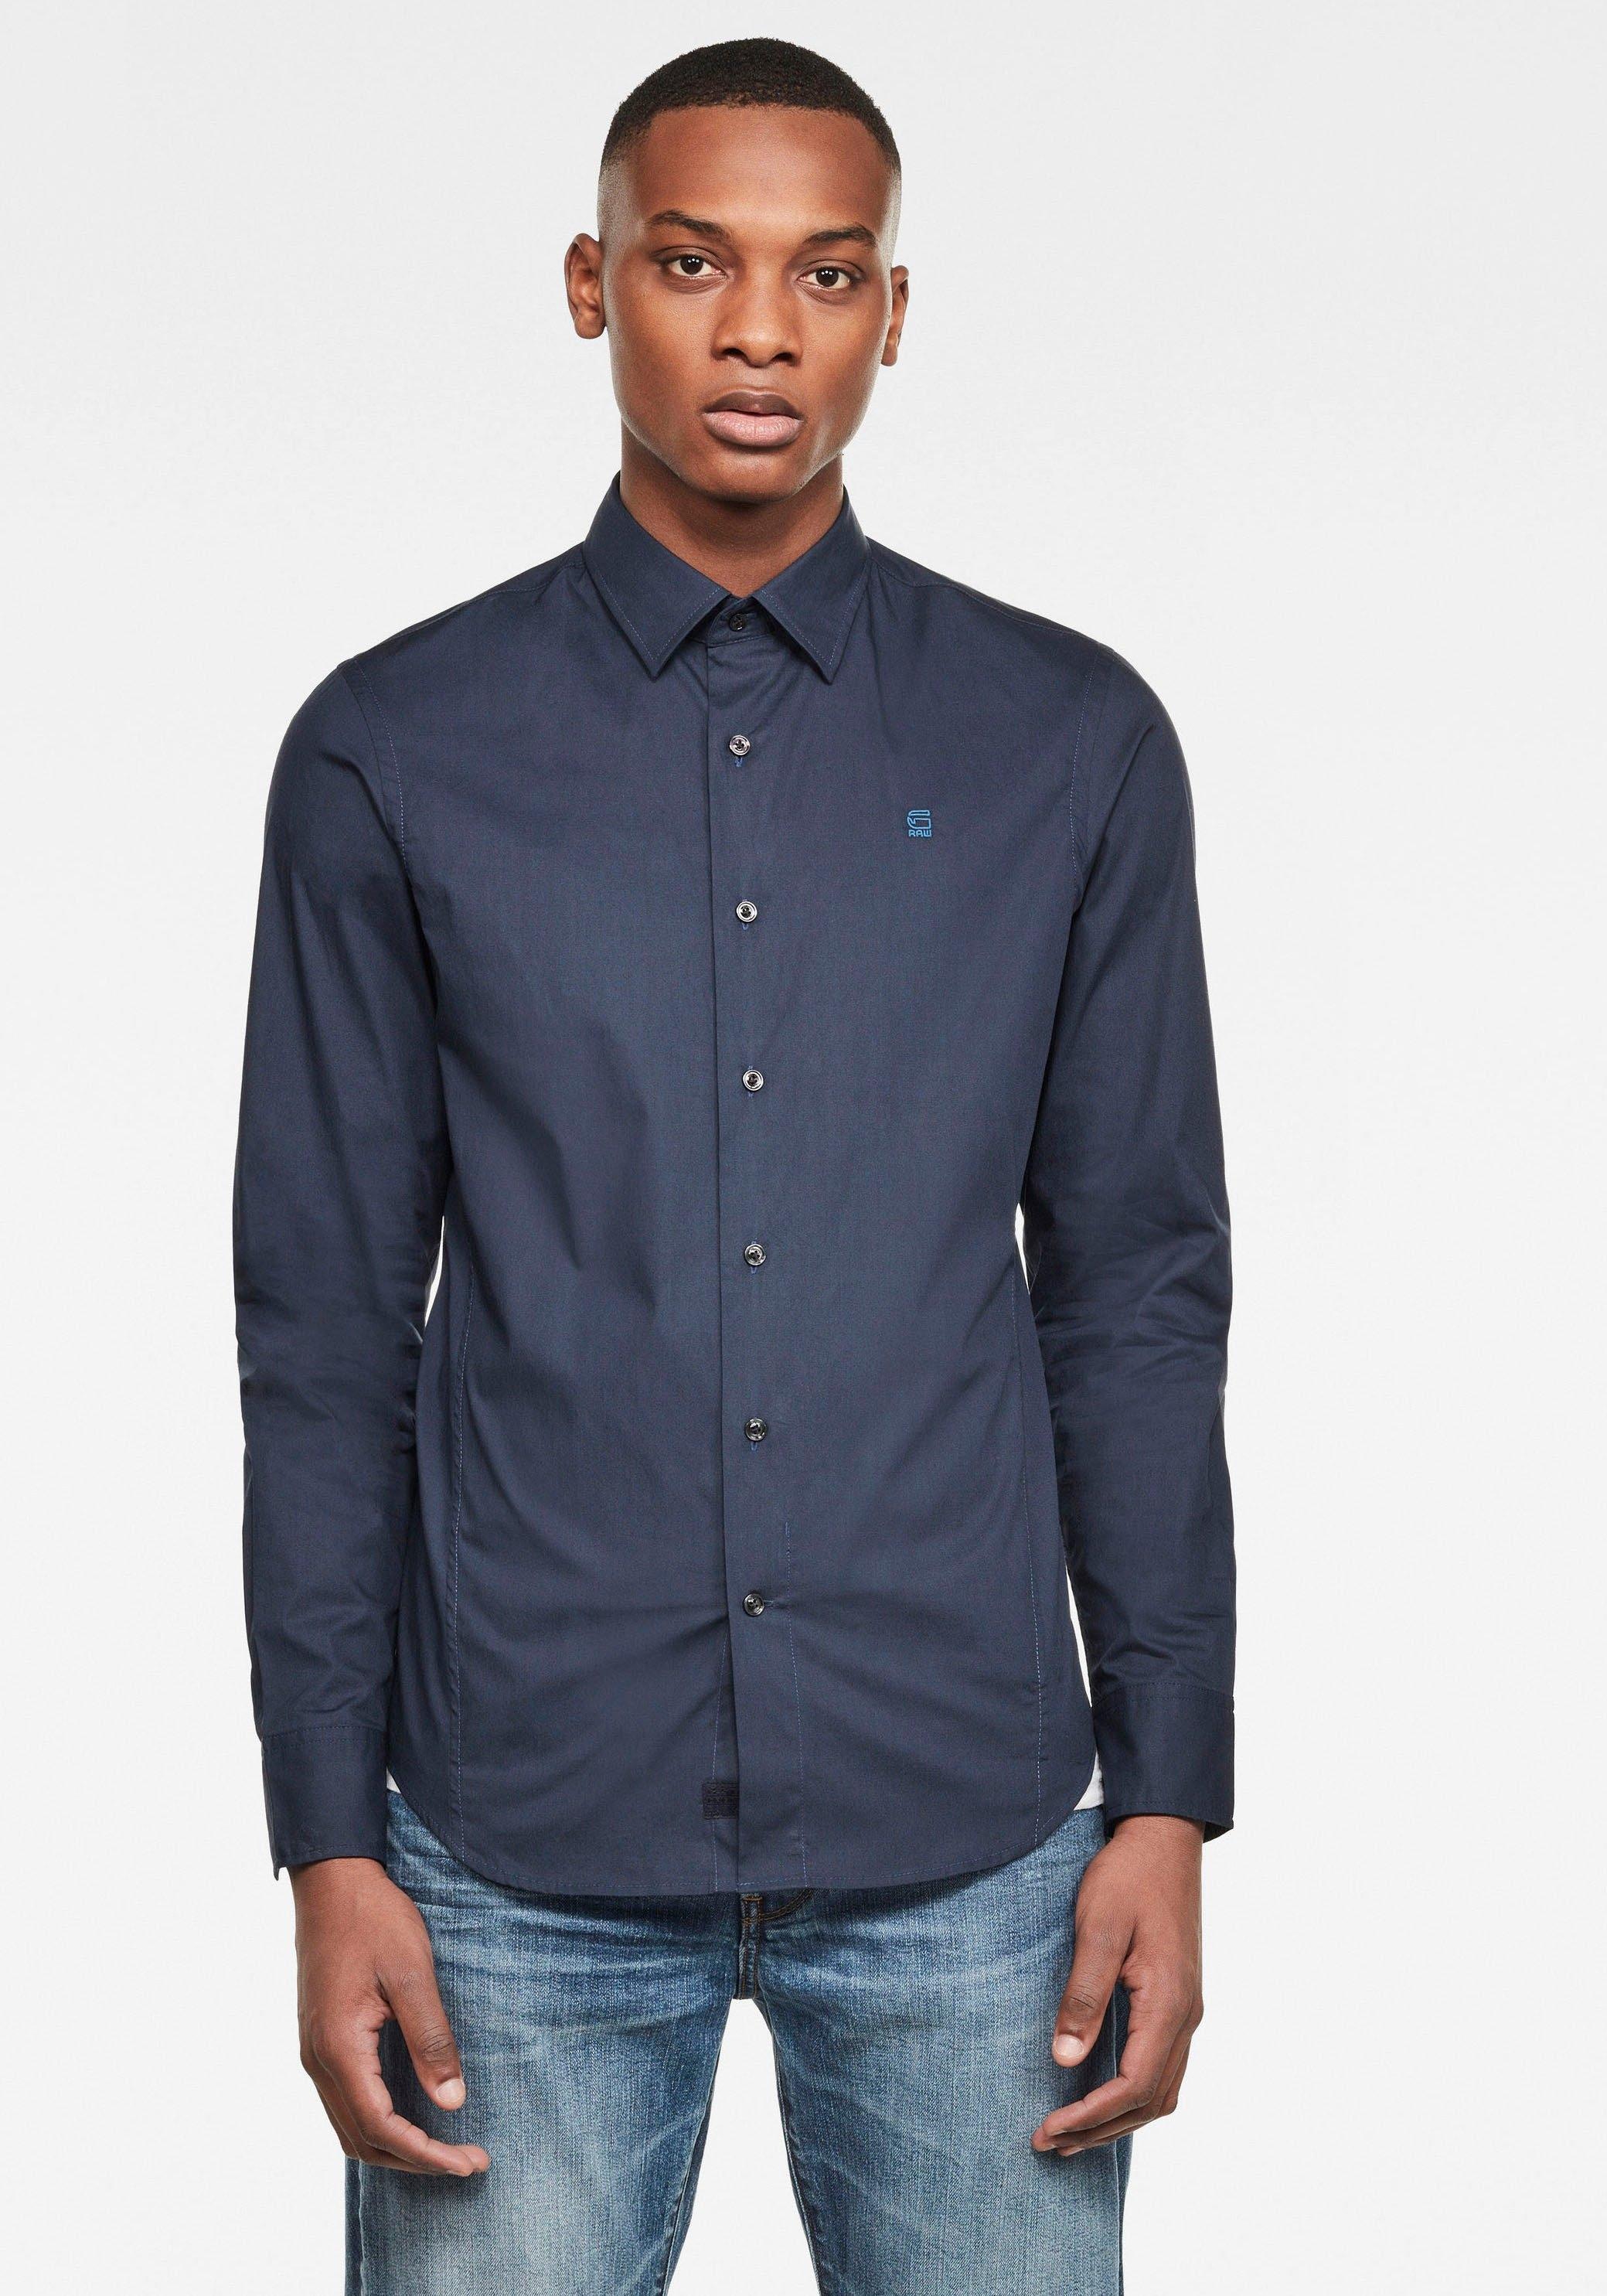 G-Star RAW overhemd met lange mouwen Dressed Super Slim Hemd nu online kopen bij OTTO